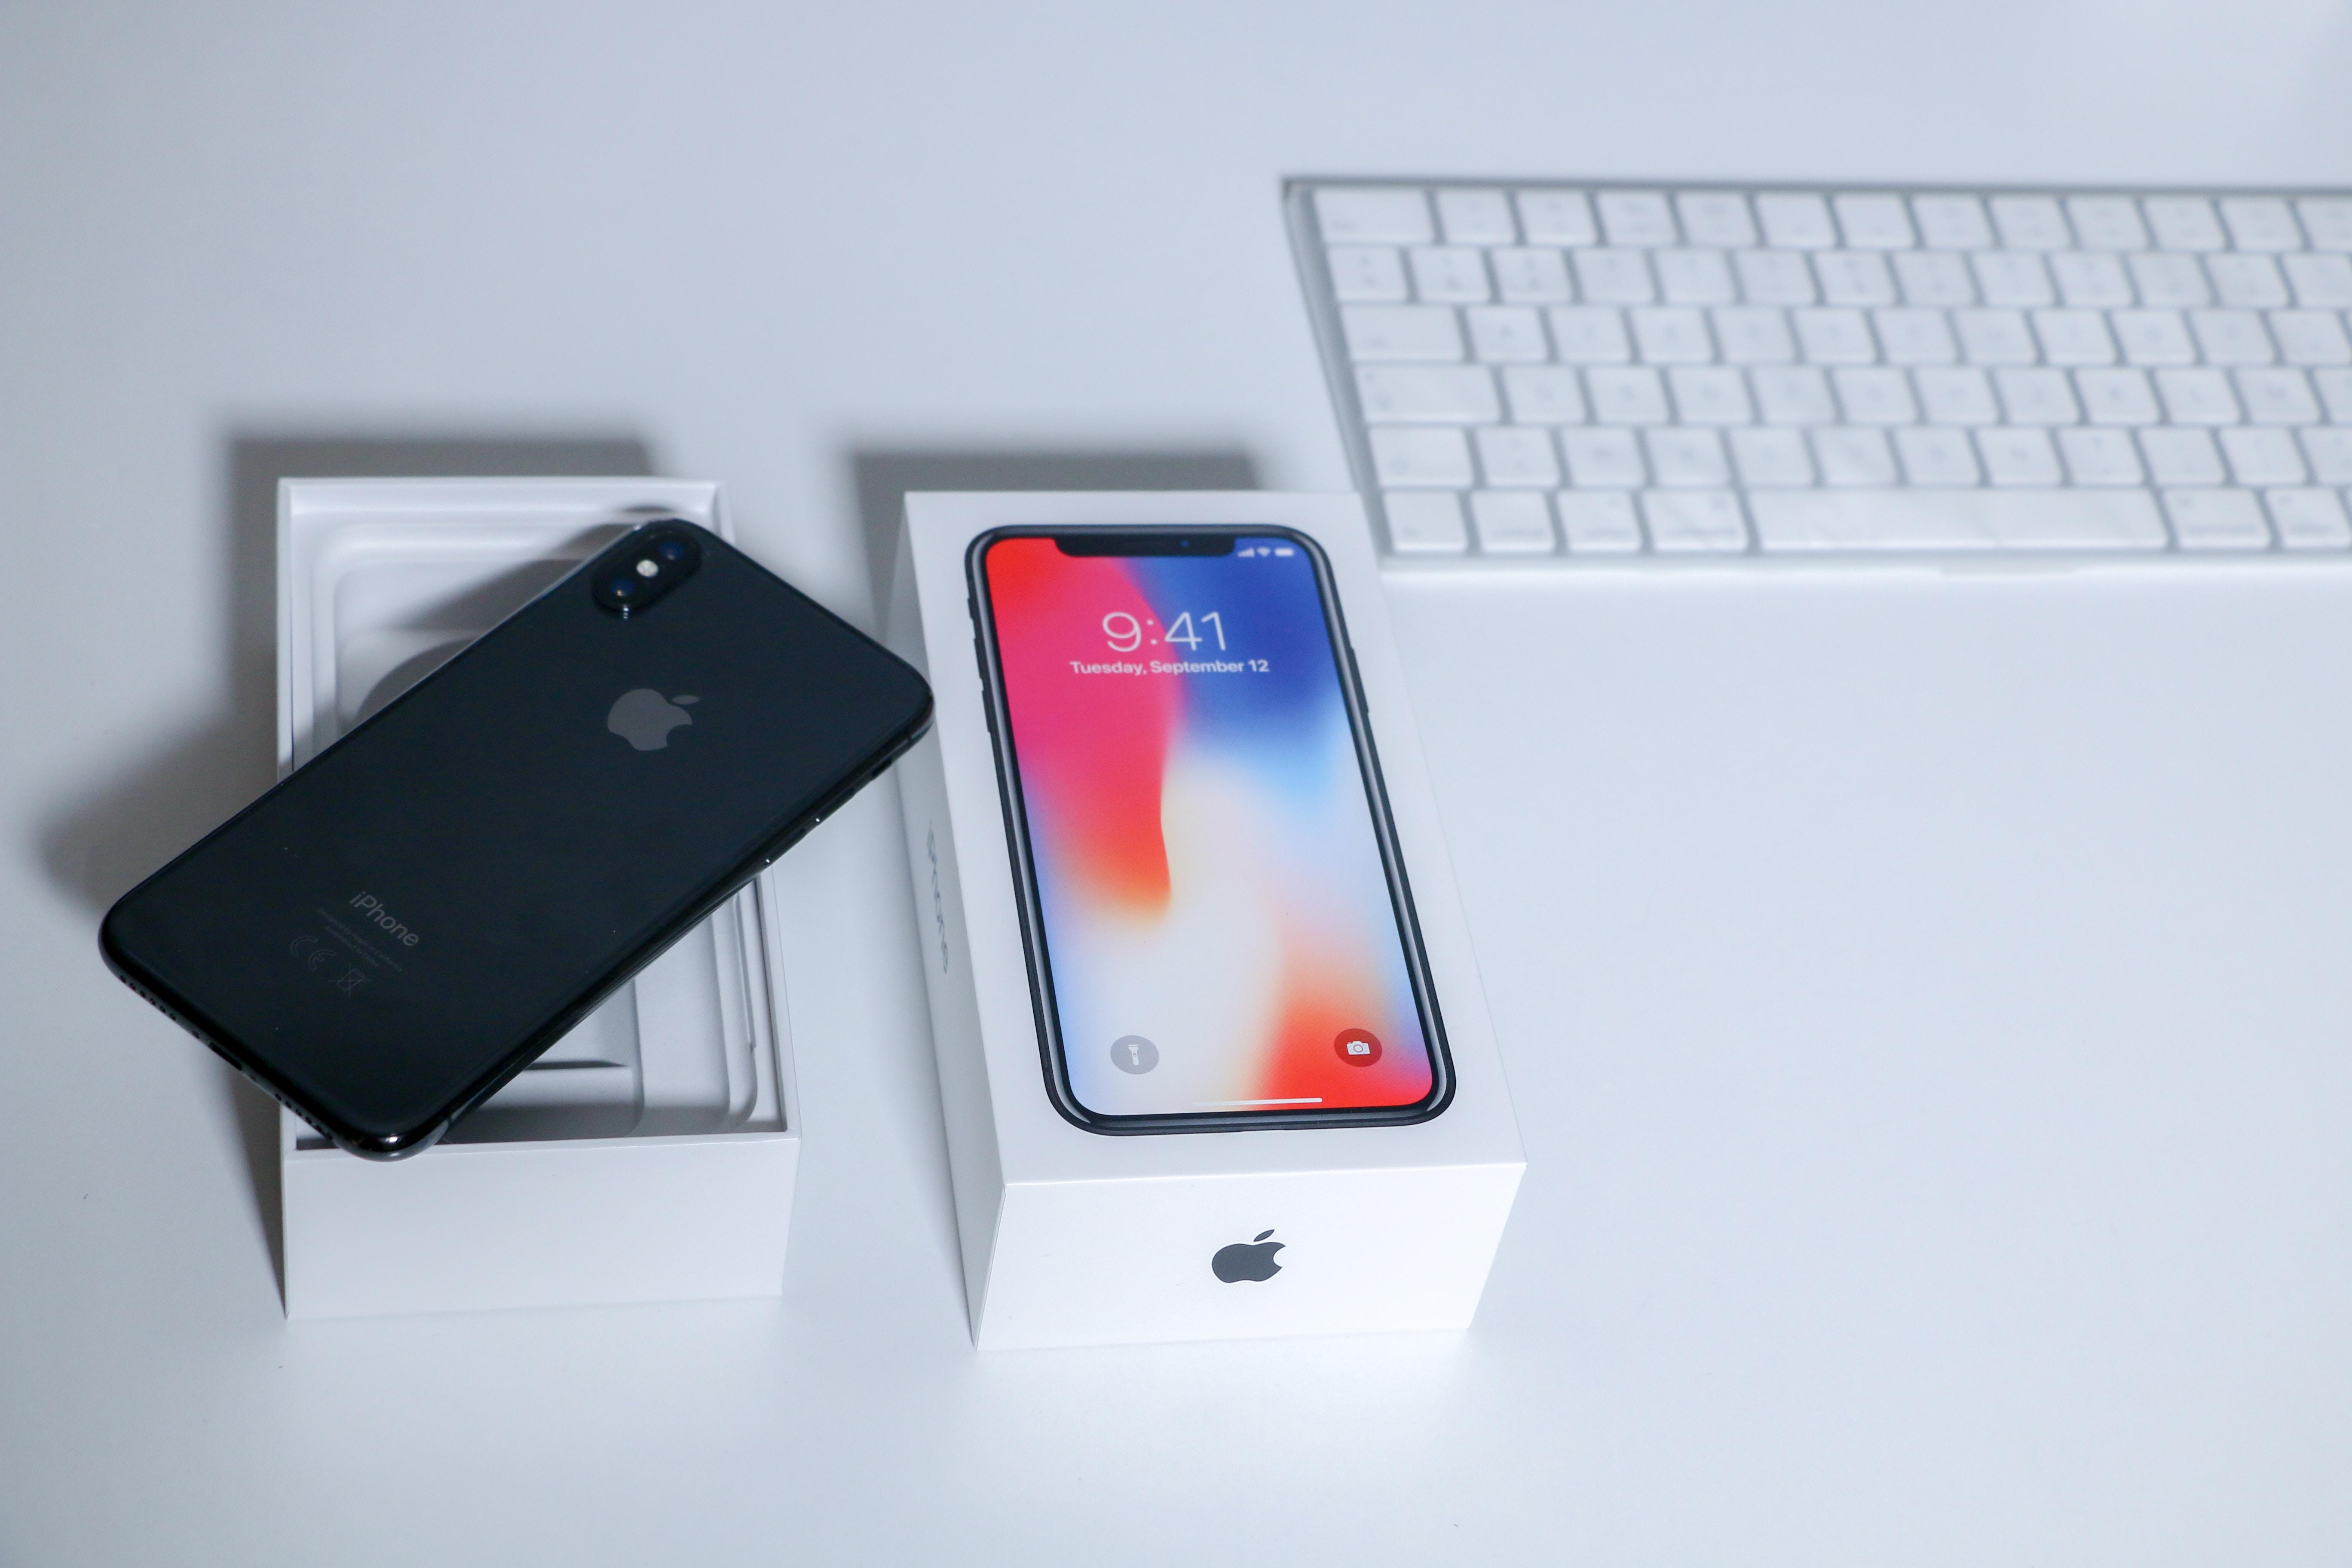 iPhoneの契約更新 更新月の確認方法と乗り換えタイミング